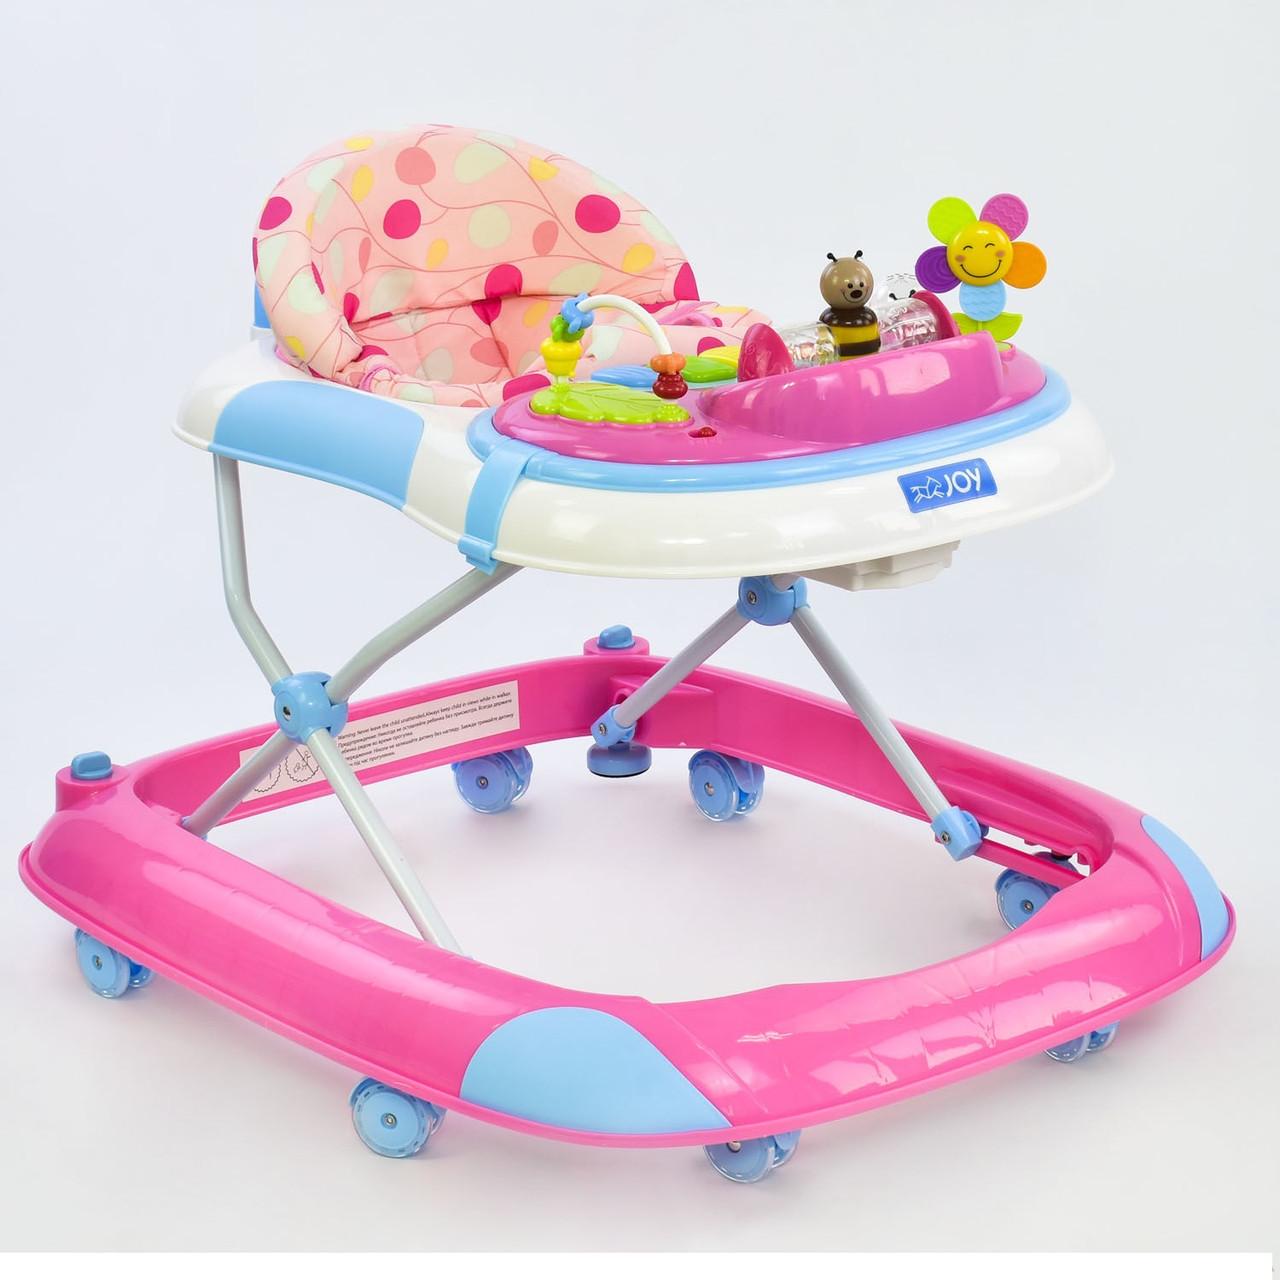 Детские ходунки JOY W 1121 PB 8 розовый